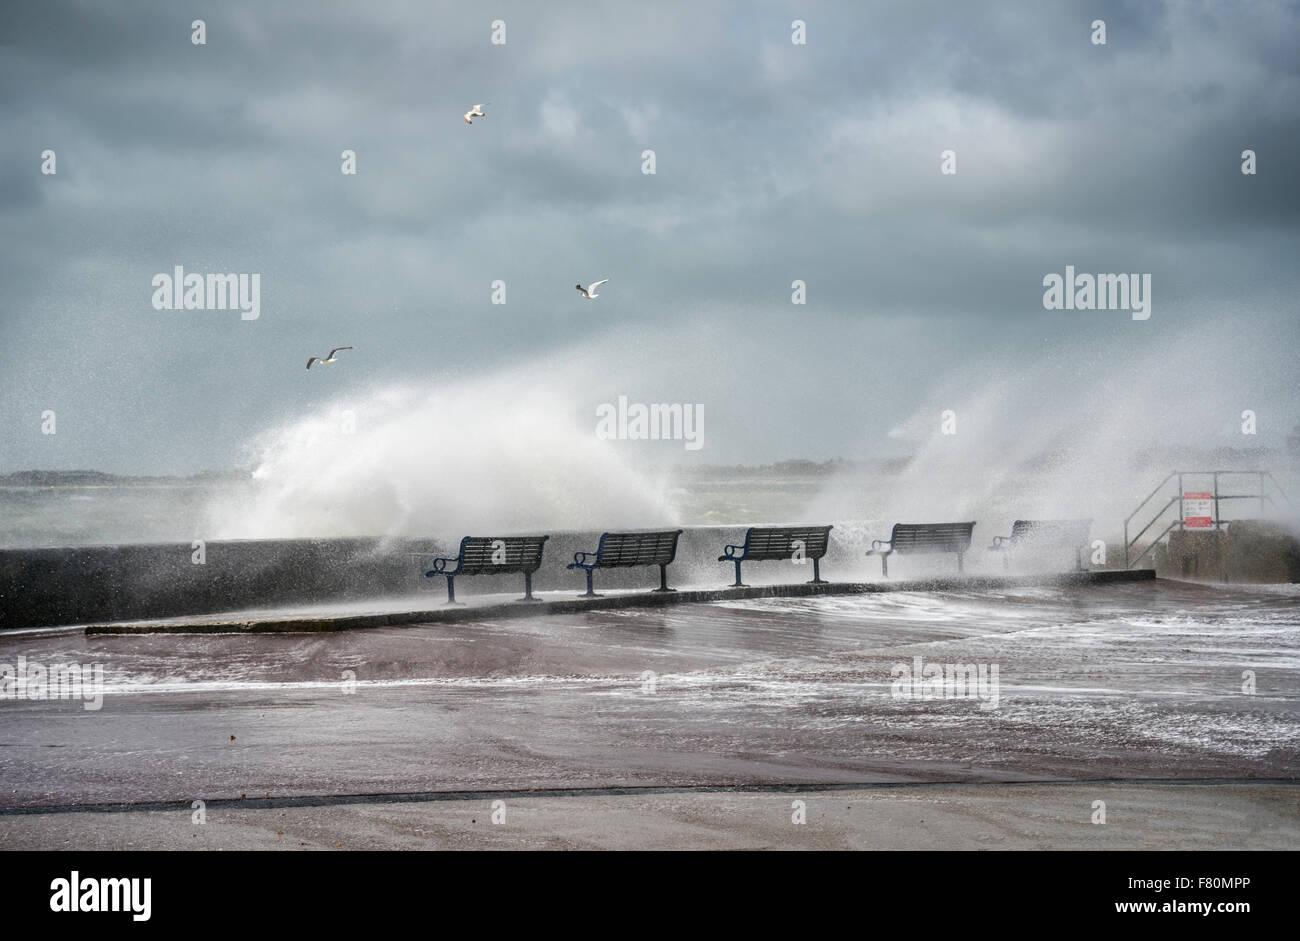 Maltempo presso il porto di Porthmouth Parade, Hampshire, Inghilterra, Regno Unito | Stuermisches Wetter an der Immagini Stock